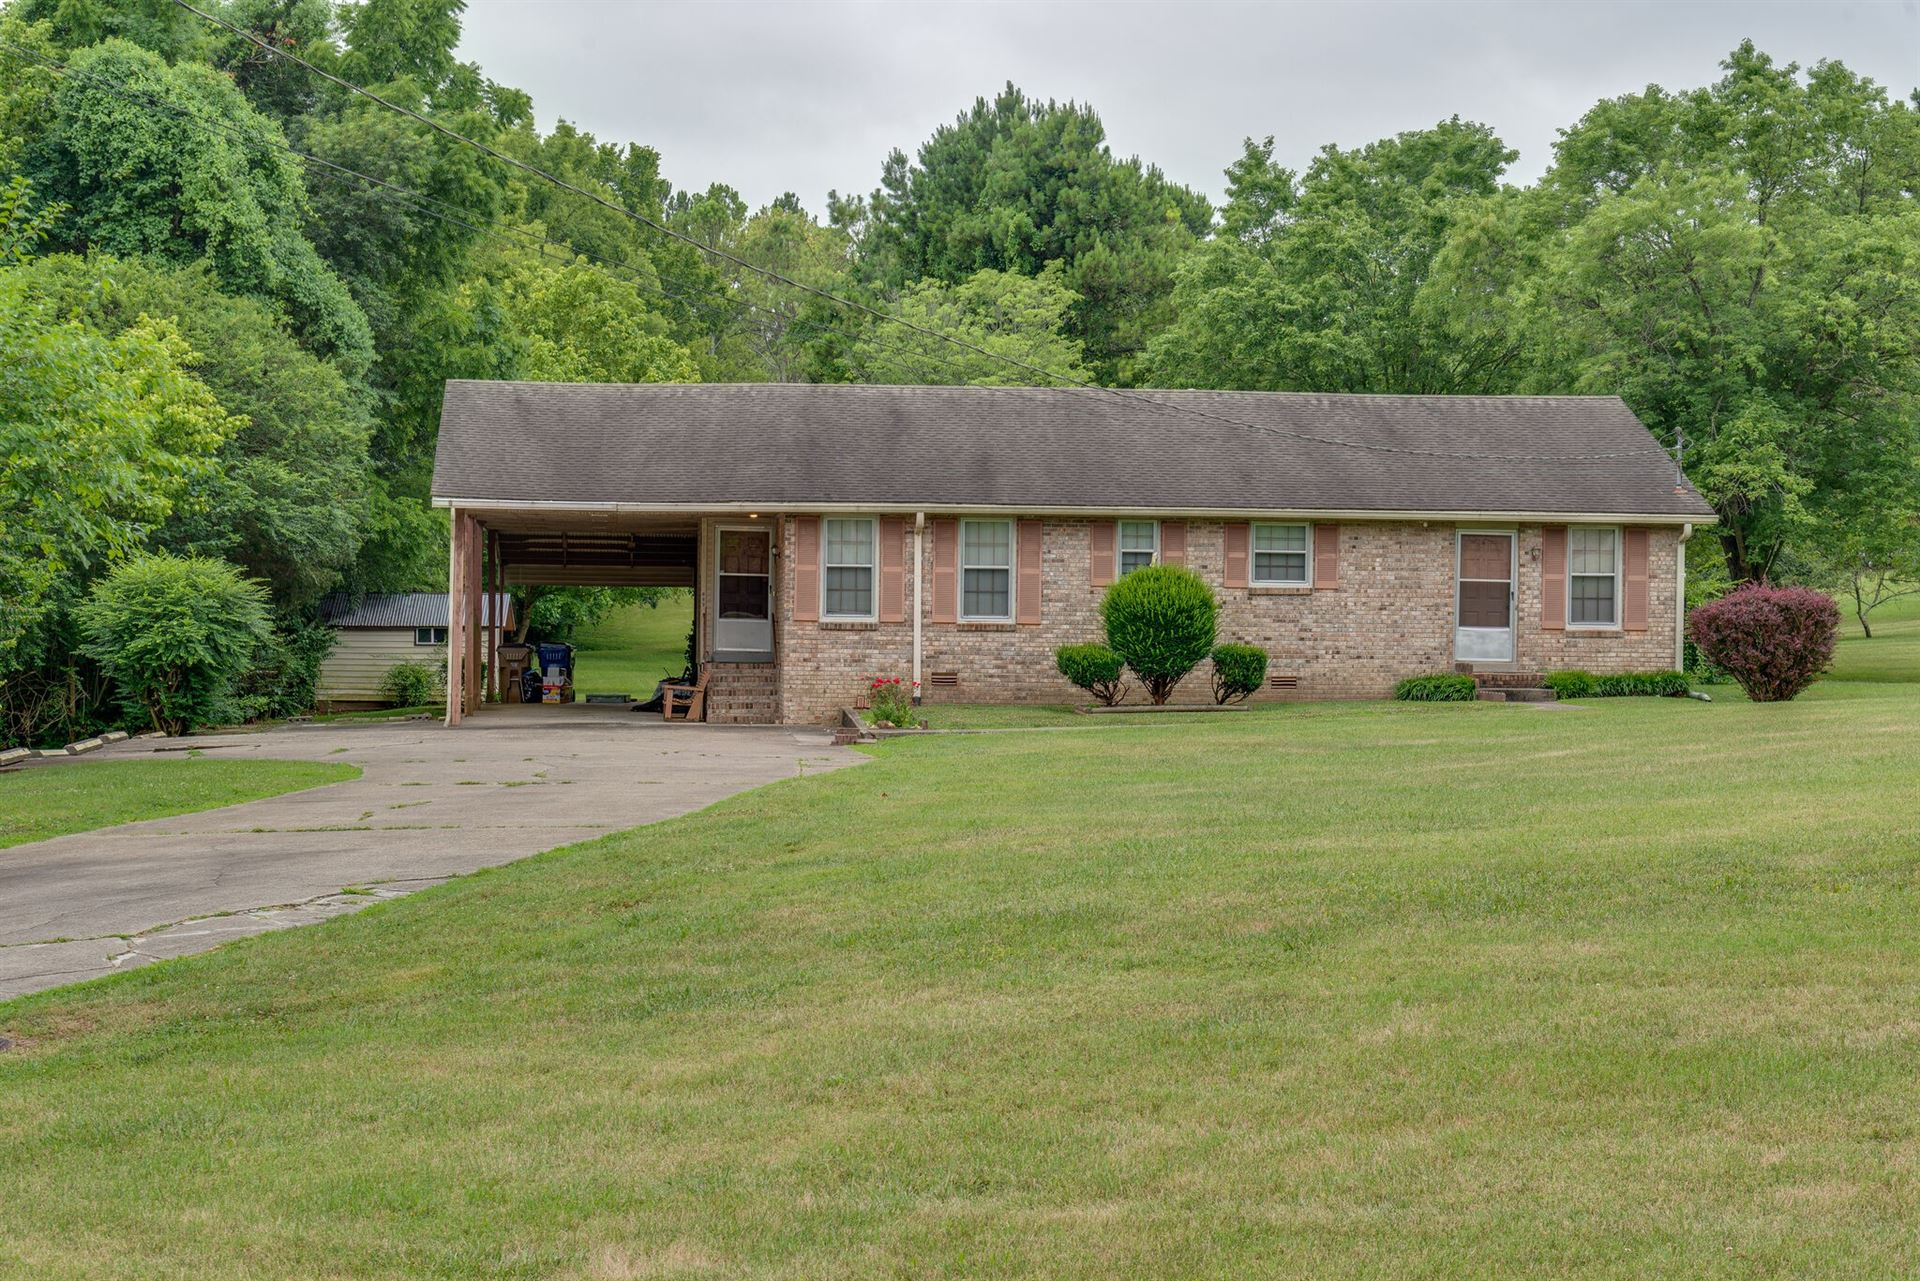 307 Dorr Dr, Goodlettsville, TN 37072 - MLS#: 2273352